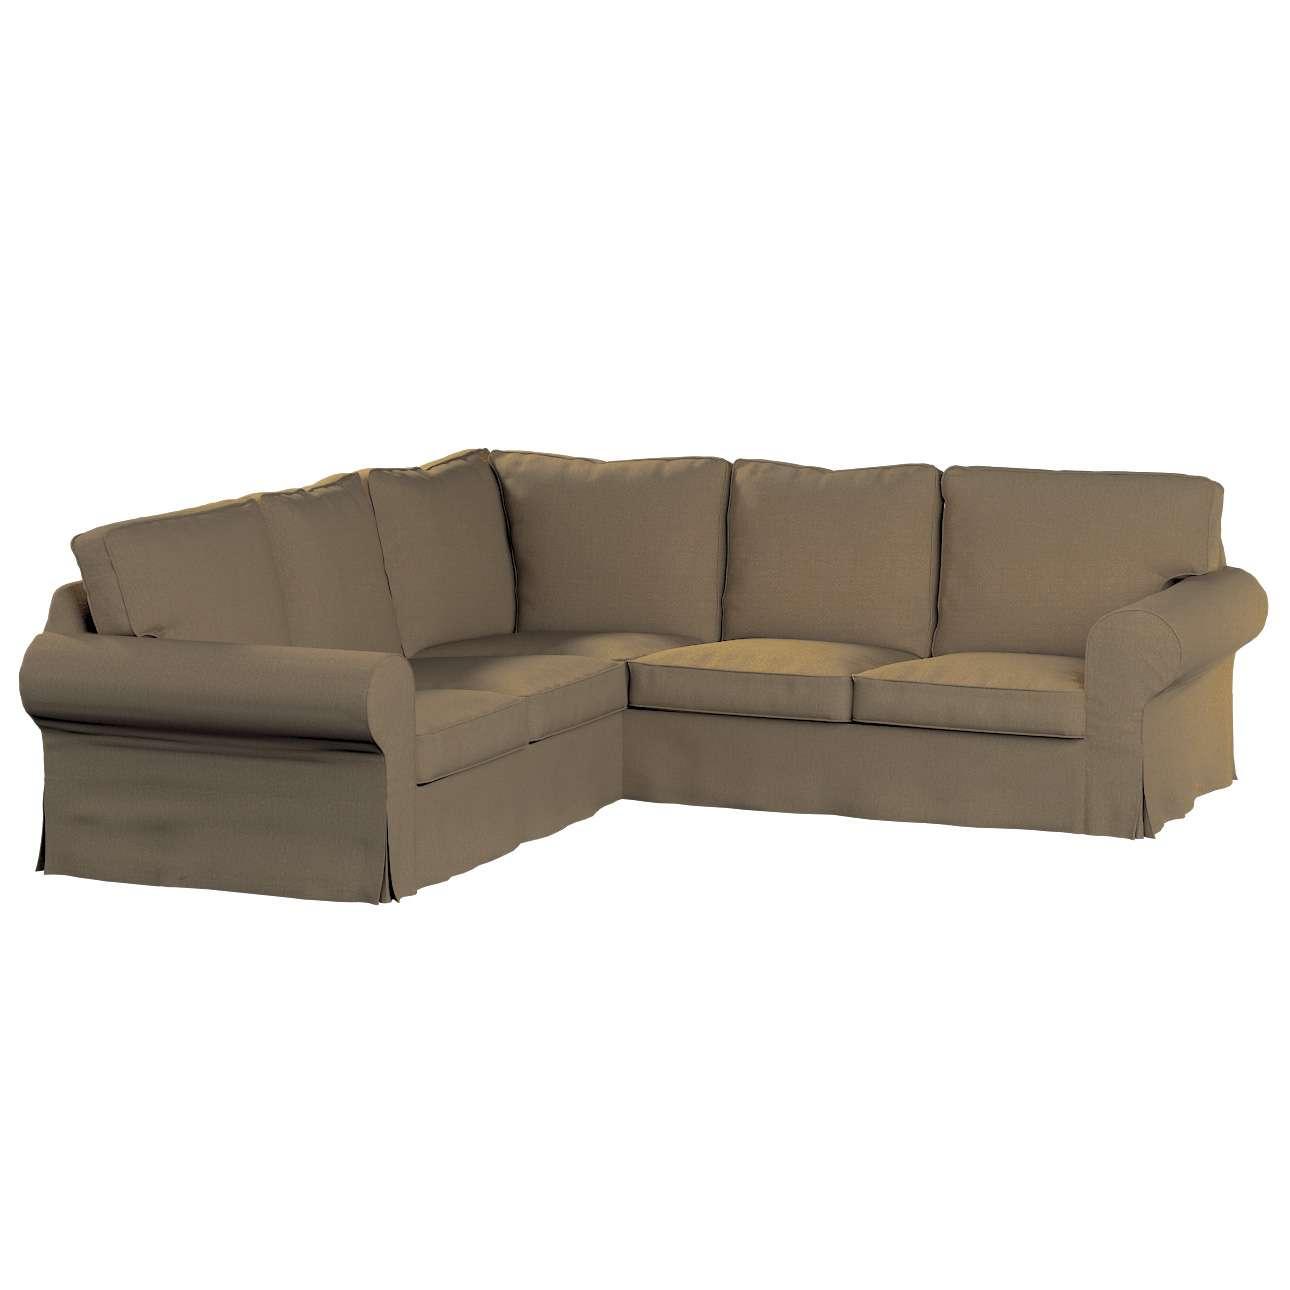 Pokrowiec na sofę Ektorp narożną Sofa Ektorp narożna w kolekcji Chenille, tkanina: 702-21